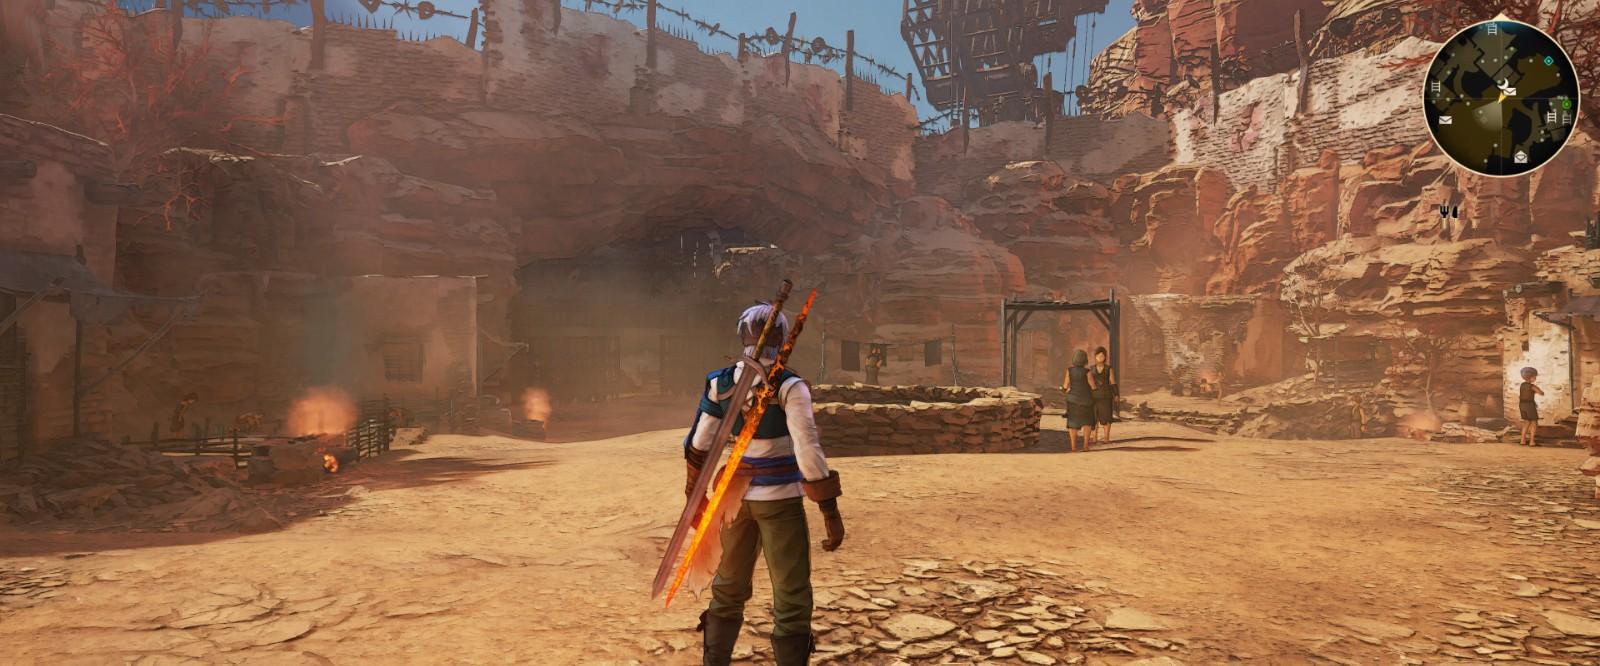 画面党玩家必备 《破晓传说》新MOD提升图像品质